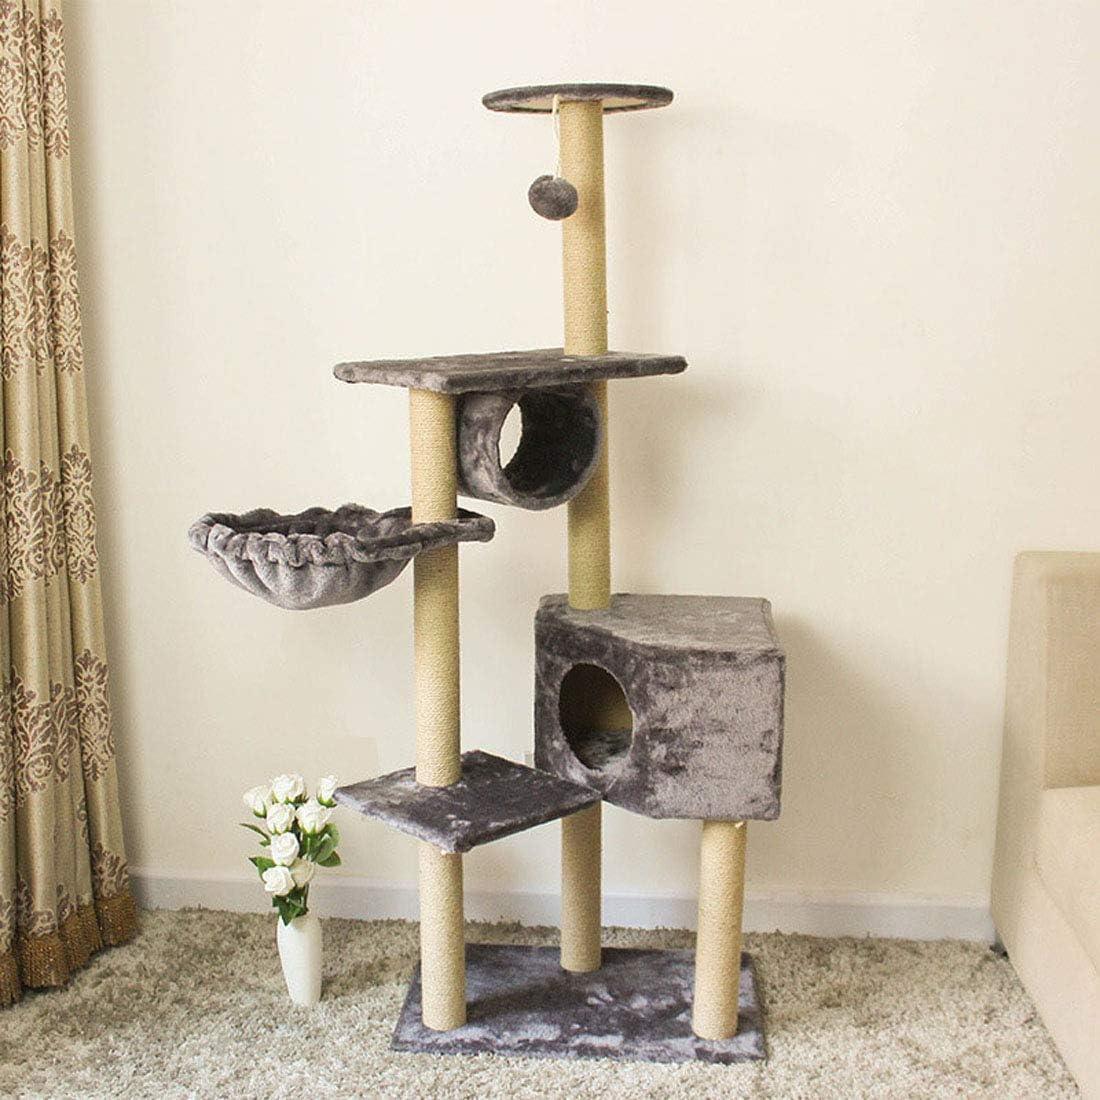 頑丈 サイザルで覆われた猫の木猫の塔ひっかかれたポスト止まり木猫のベッドプラットフォームぶら下がりぬいぐるみボールトンネル付きペット家具 おもちゃ, Grey